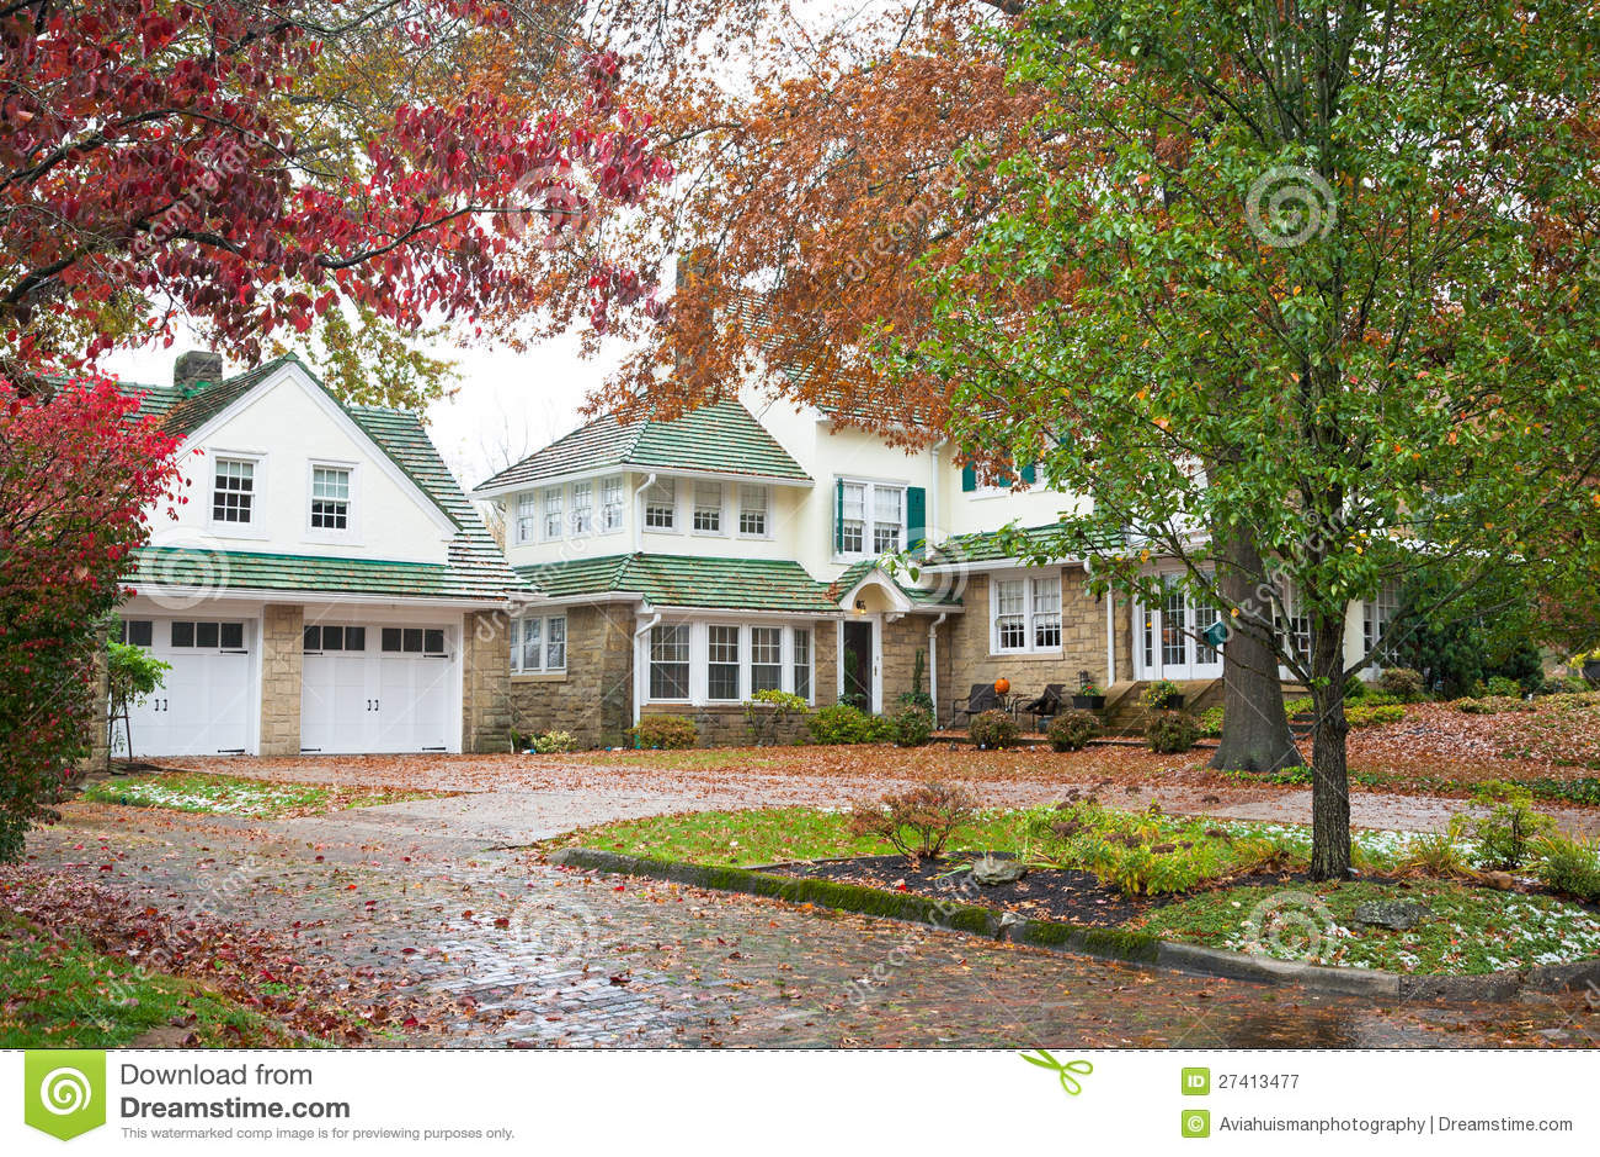 gro es haus und garage lizenzfreie stockfotografie bild 27413477. Black Bedroom Furniture Sets. Home Design Ideas